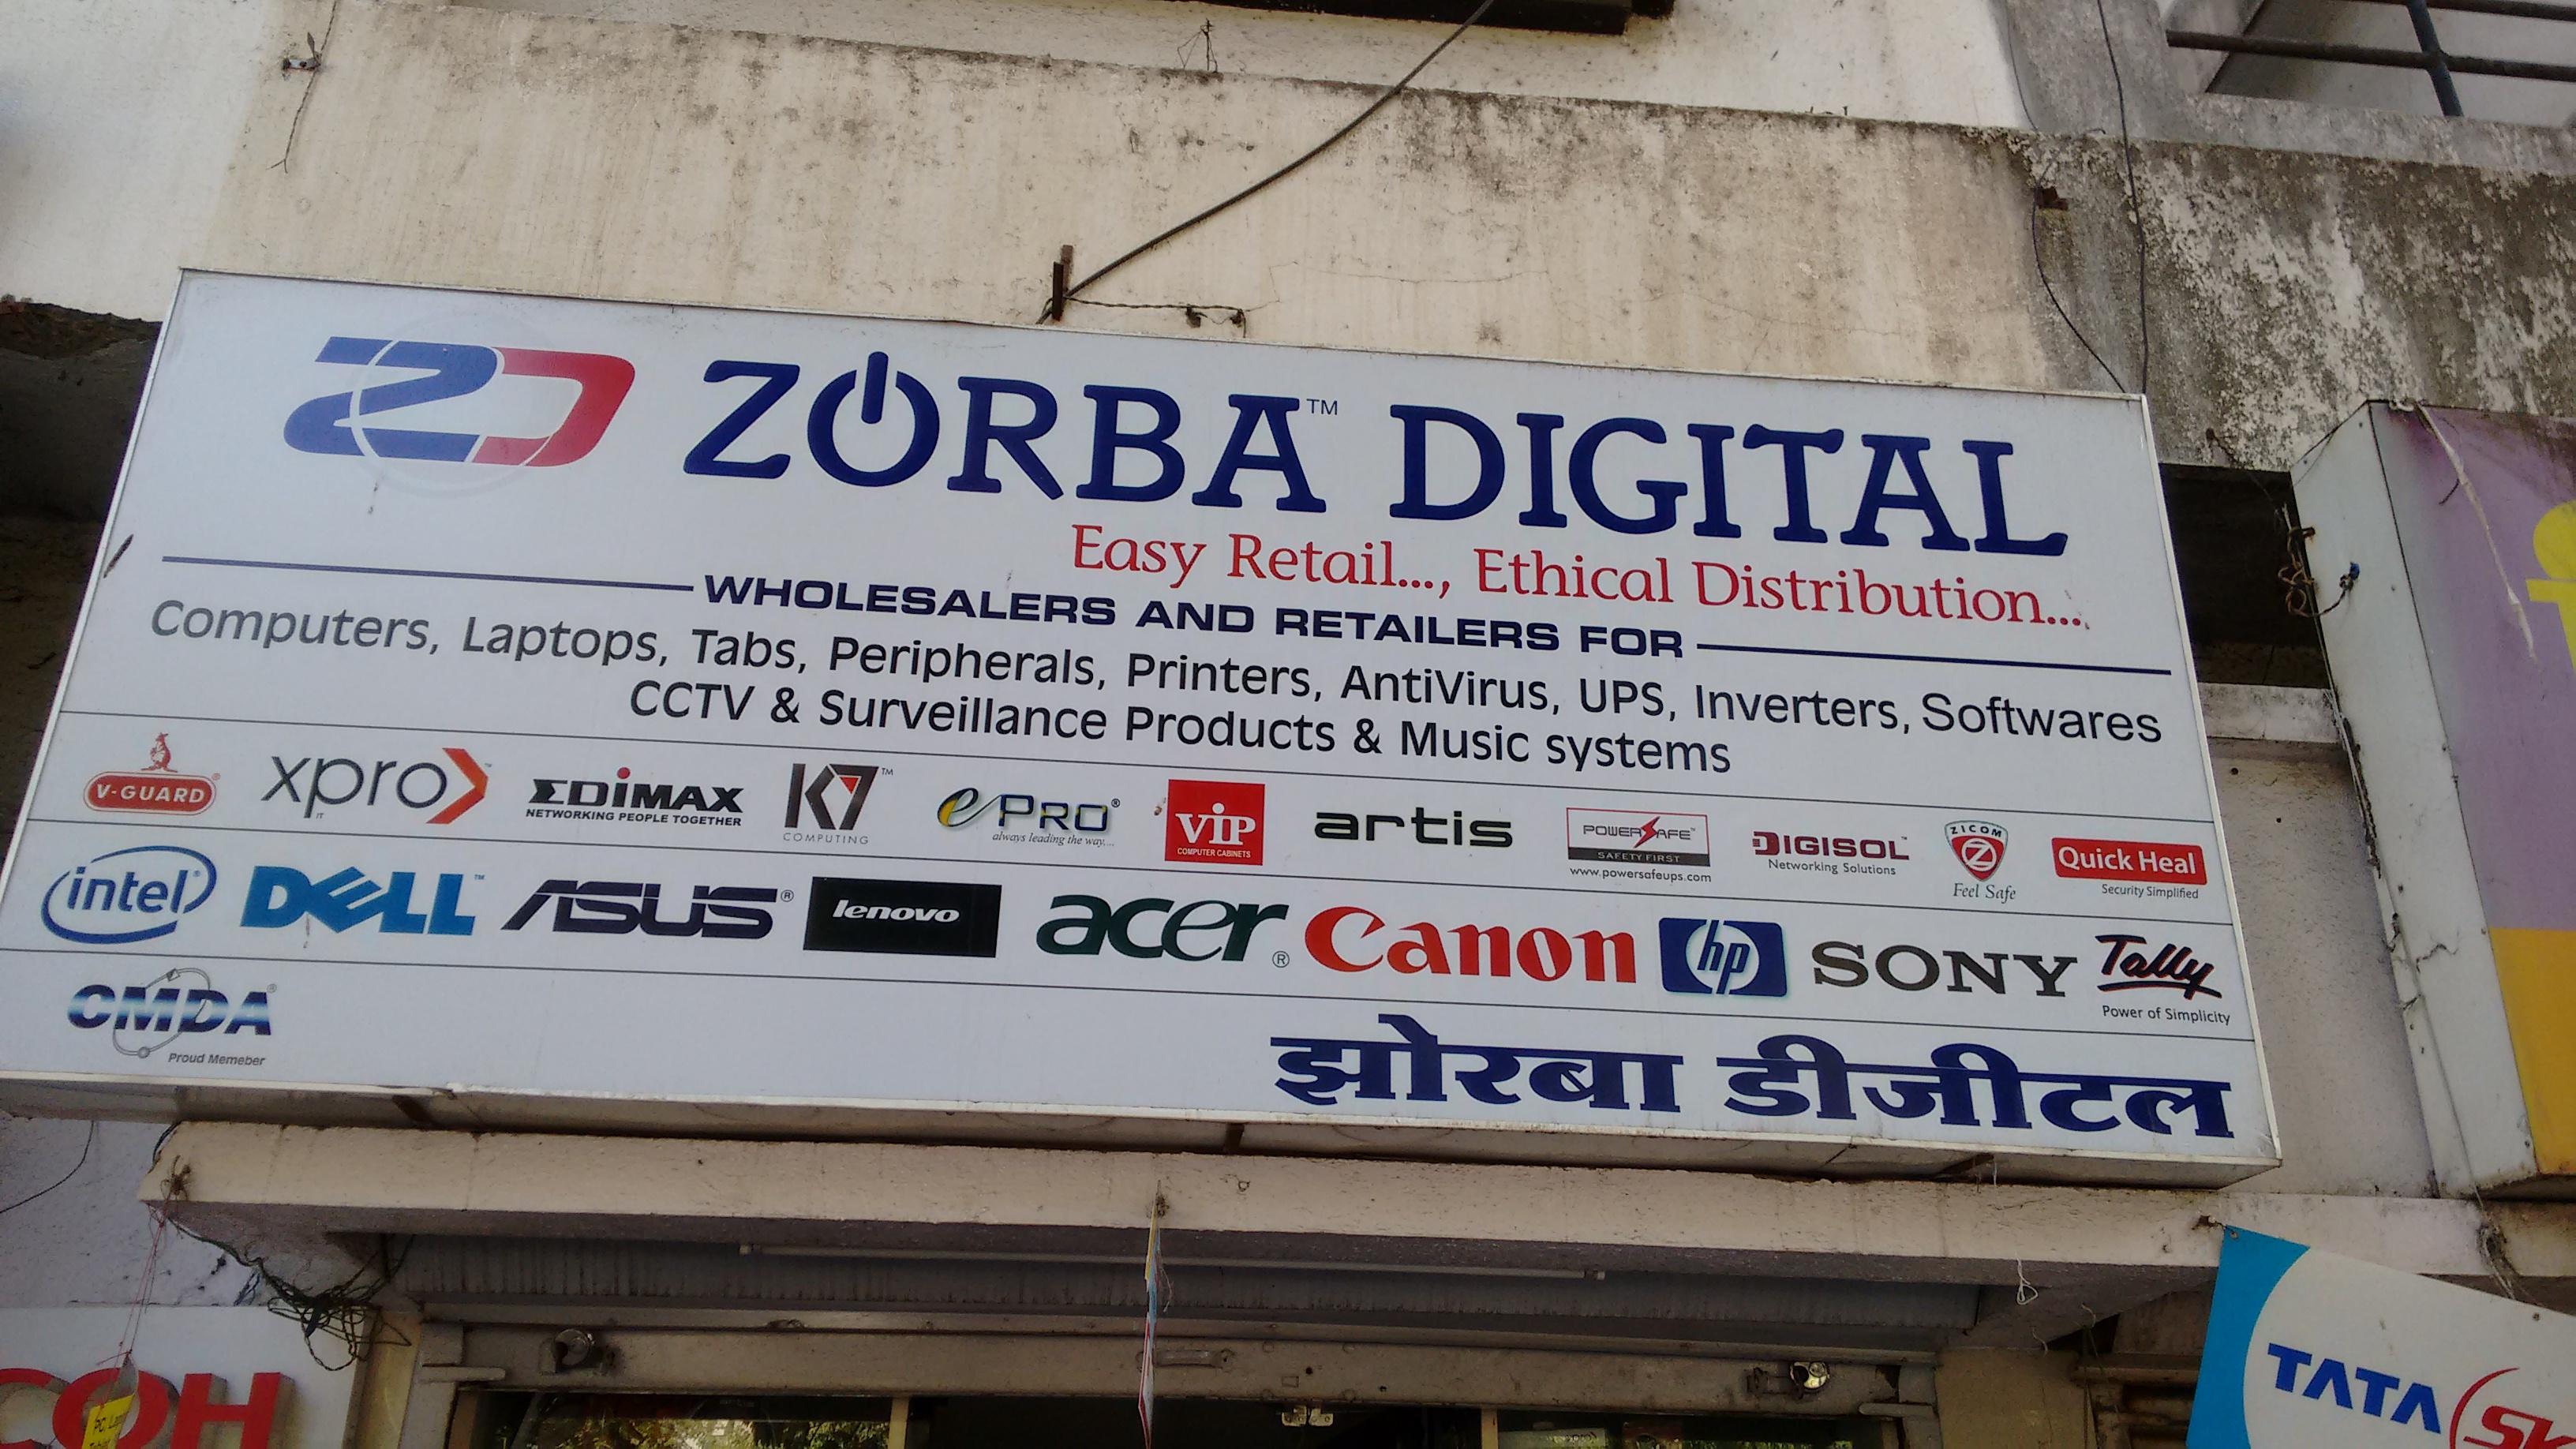 Zorba Digital